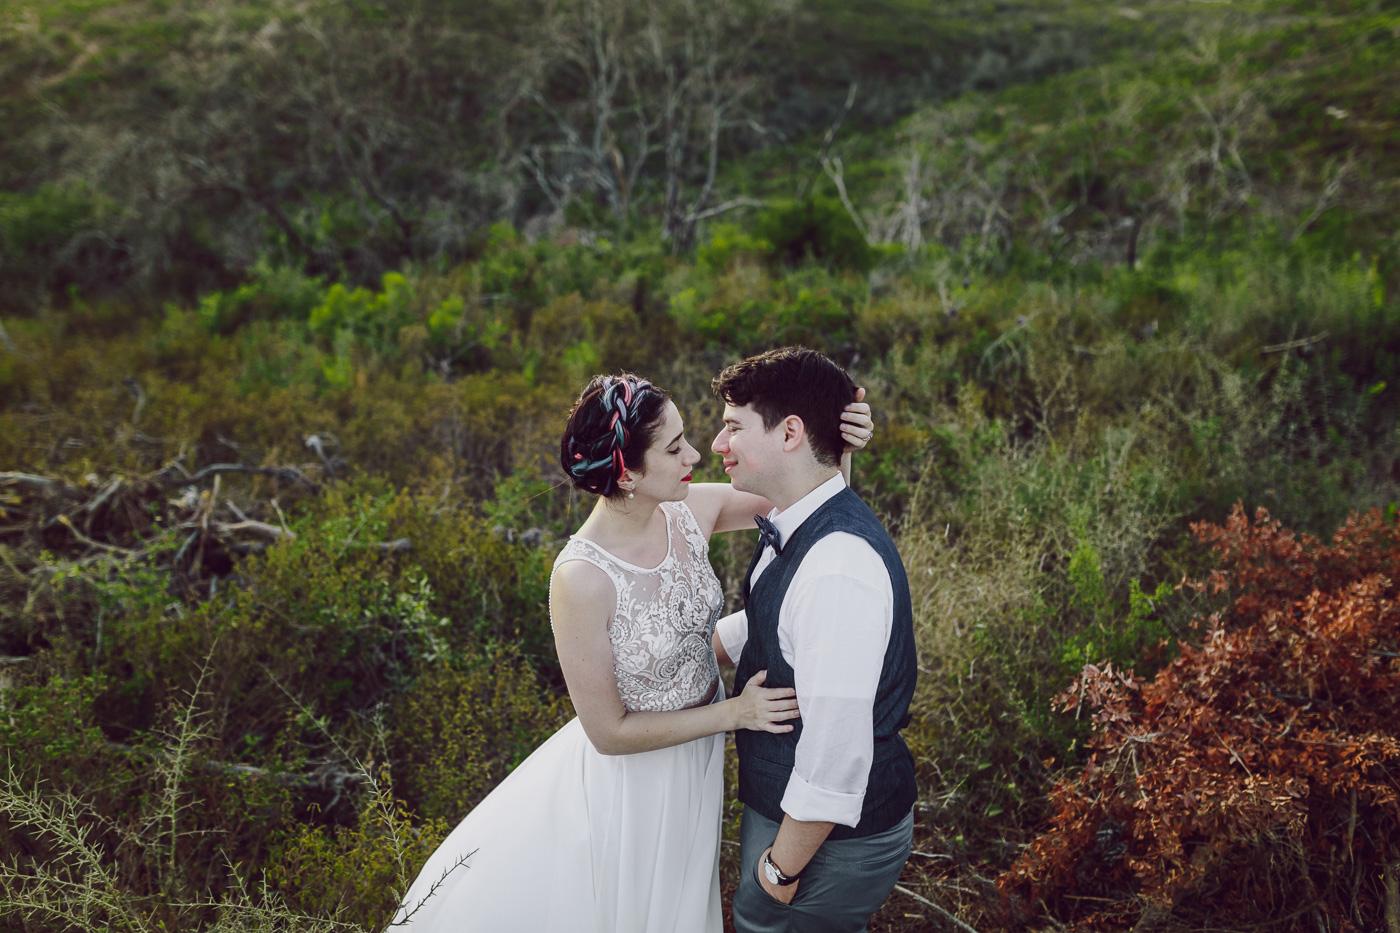 Leore & Yiftach wedding_0240.jpg